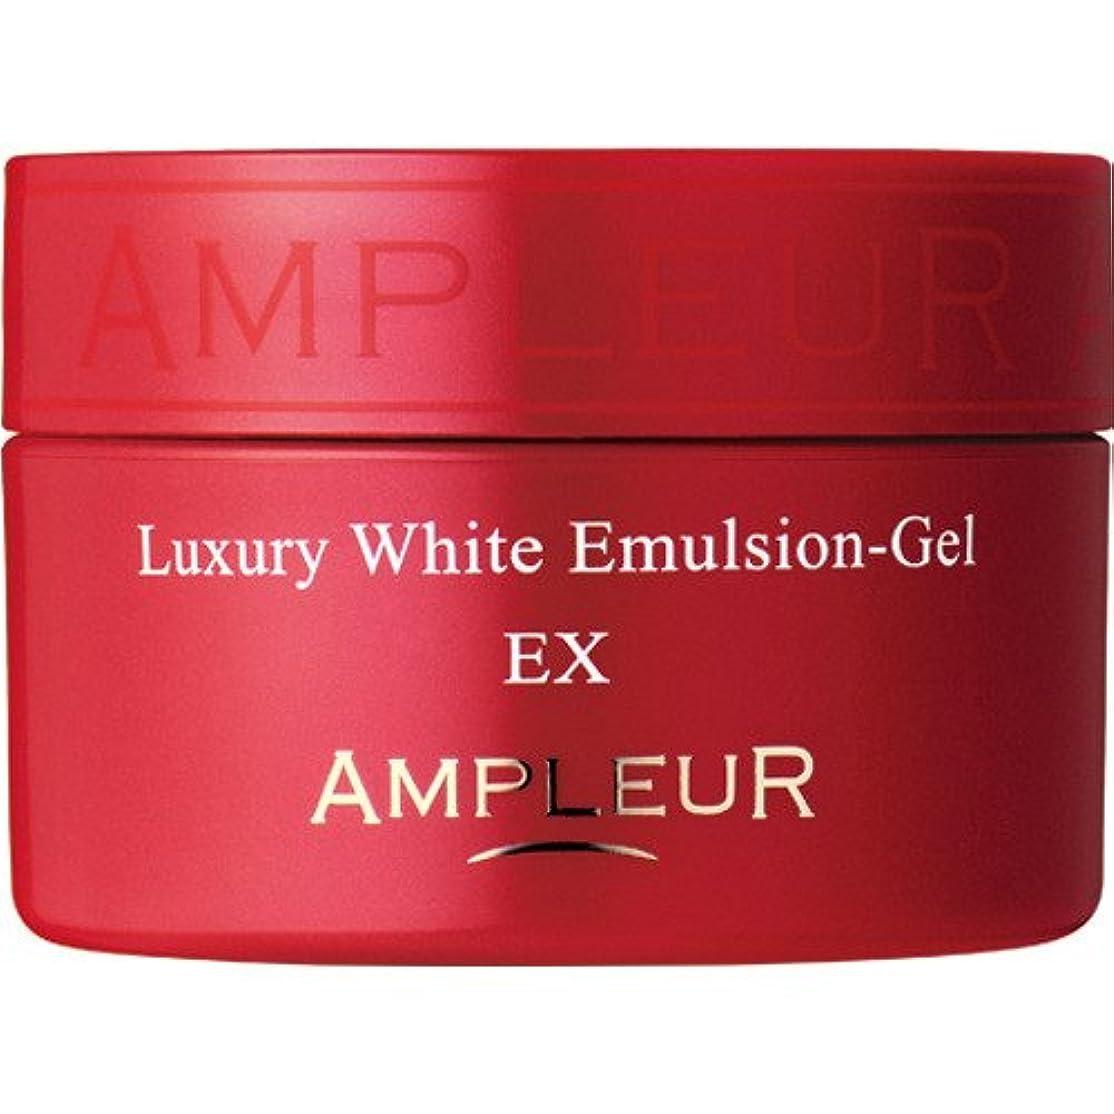 休み詩人もう一度AMPLEUR(アンプルール) ラグジュアリーホワイト エマルジョンゲルEX 50g